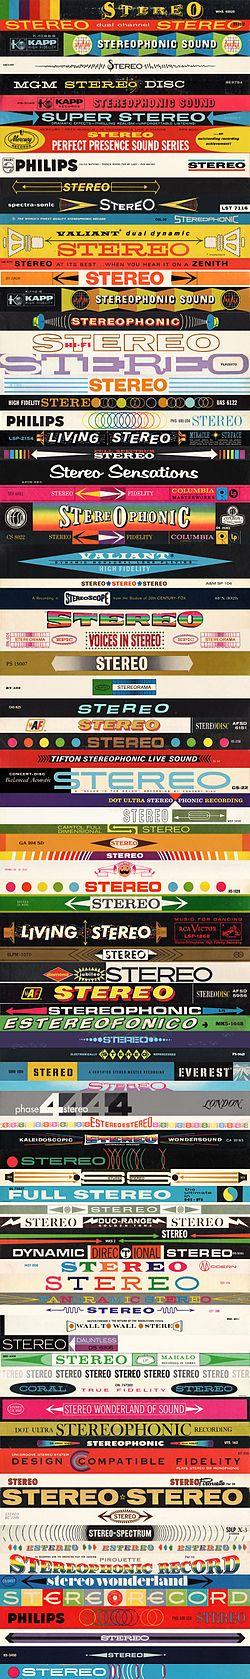 Что такое стерео? его развитие и способы воспроизведения